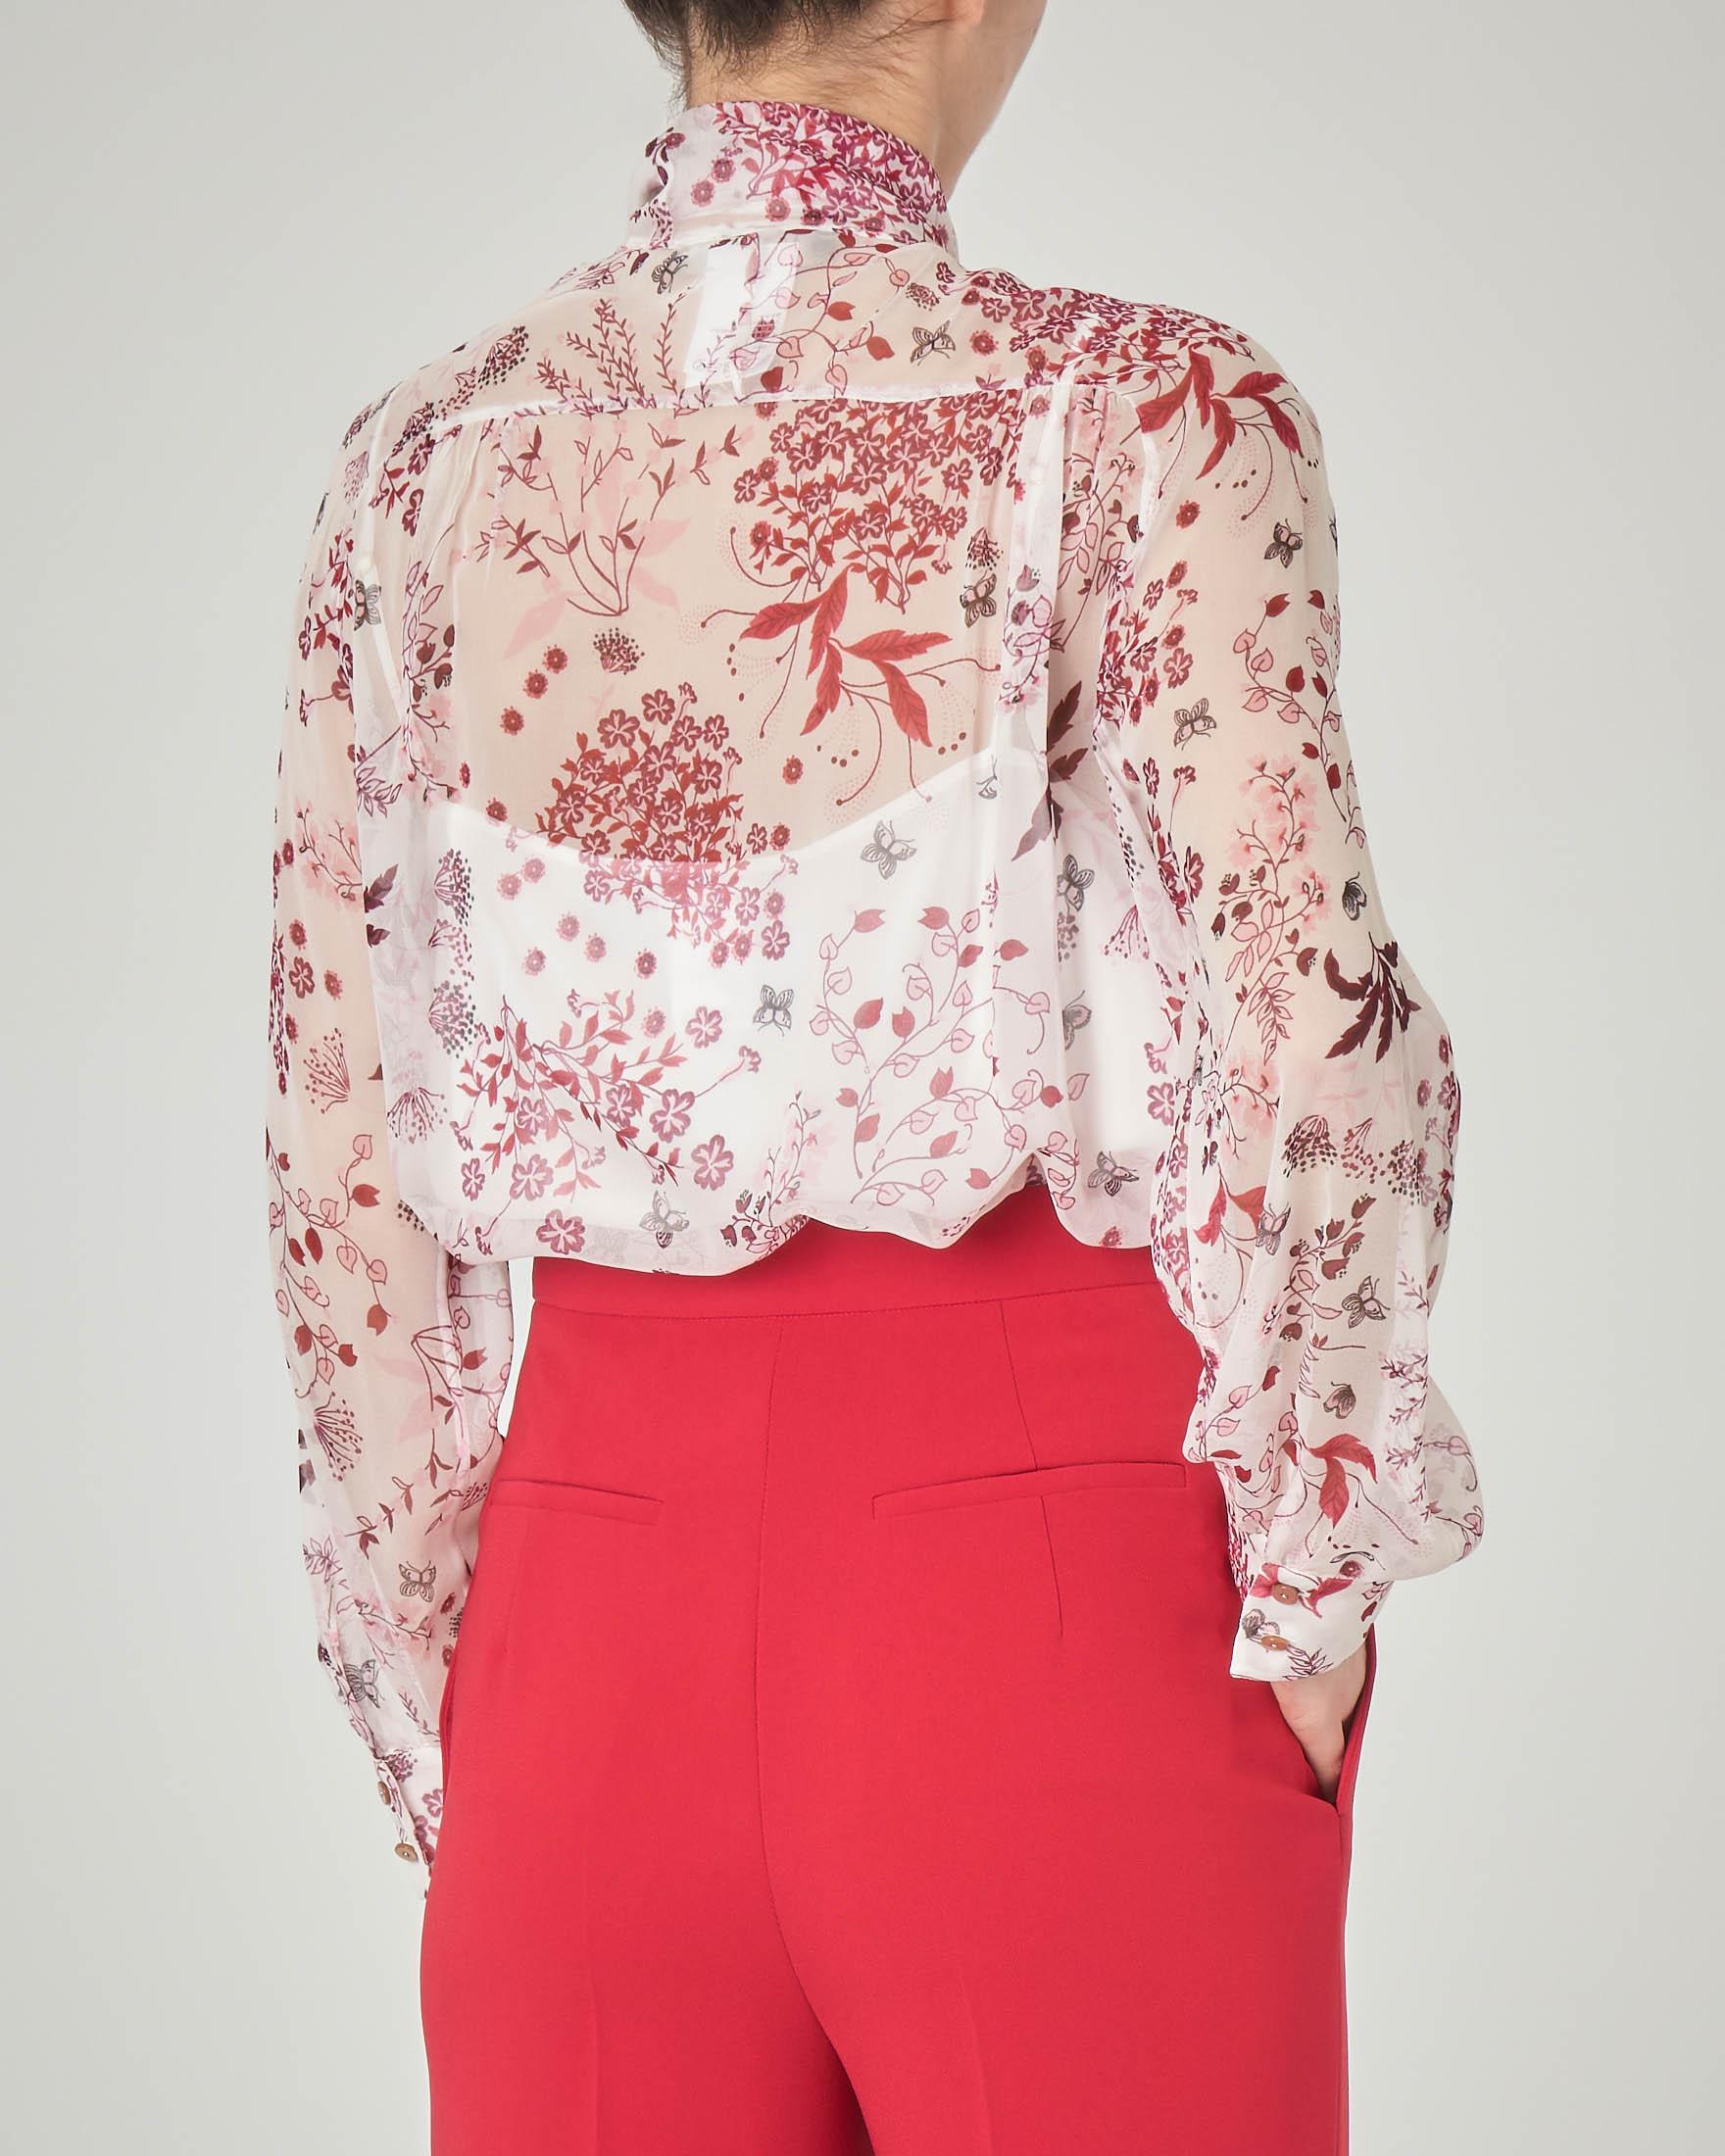 Blusa in seta bianca fiori stampati rossi e fiocco sul davanti